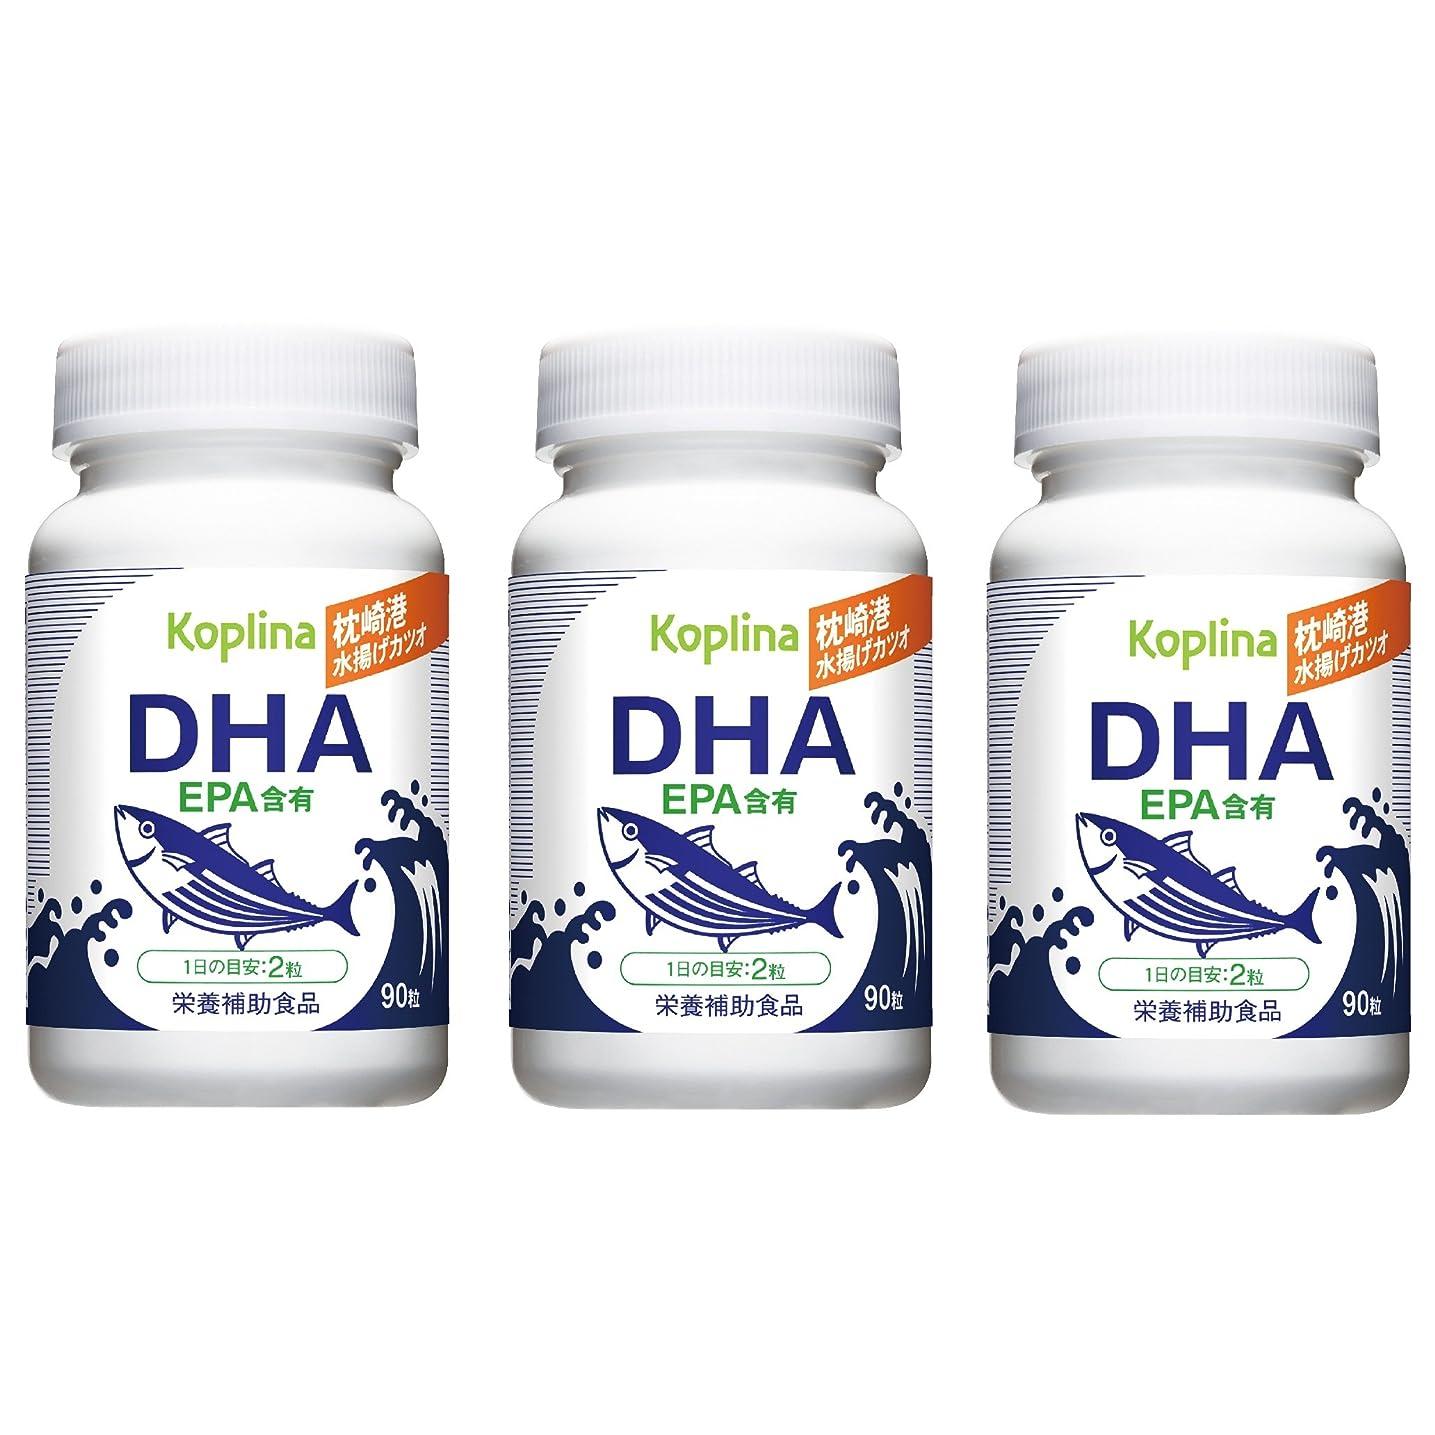 受益者騒々しい予防接種する枕崎港水揚げカツオDHA(EPA含有)90粒 3個セット